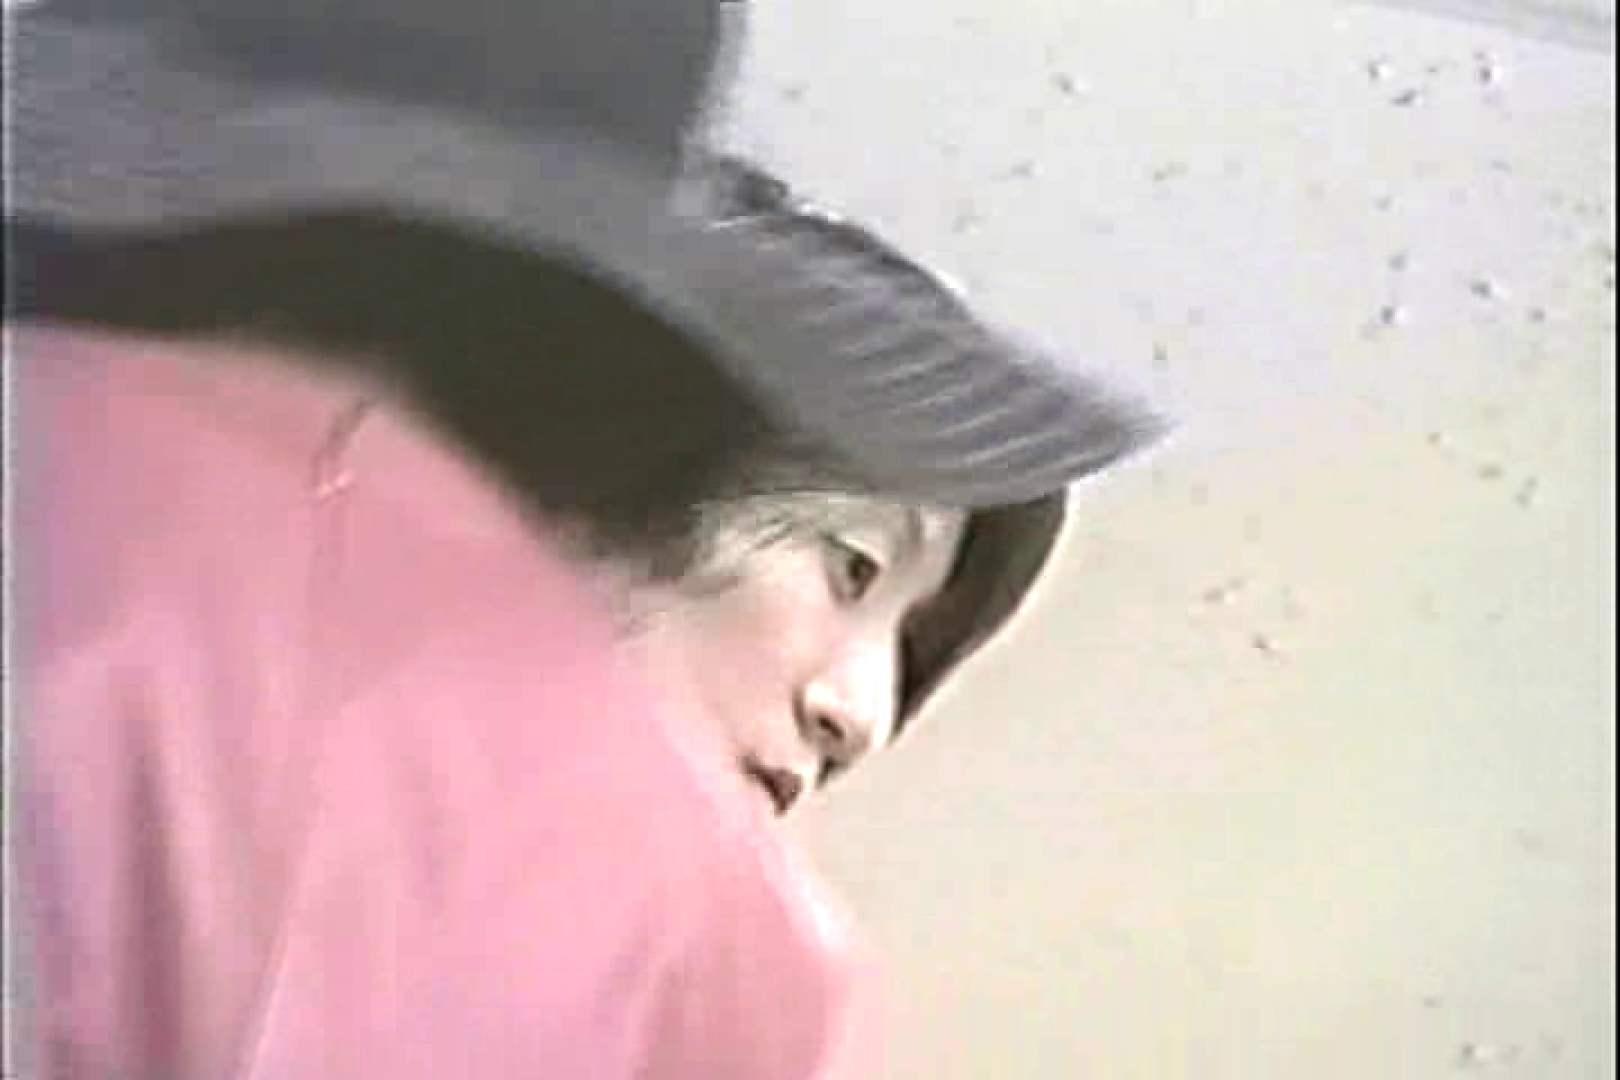 「ちくりん」さんのオリジナル未編集パンチラVol.3_01 OLの実態  103pic 14